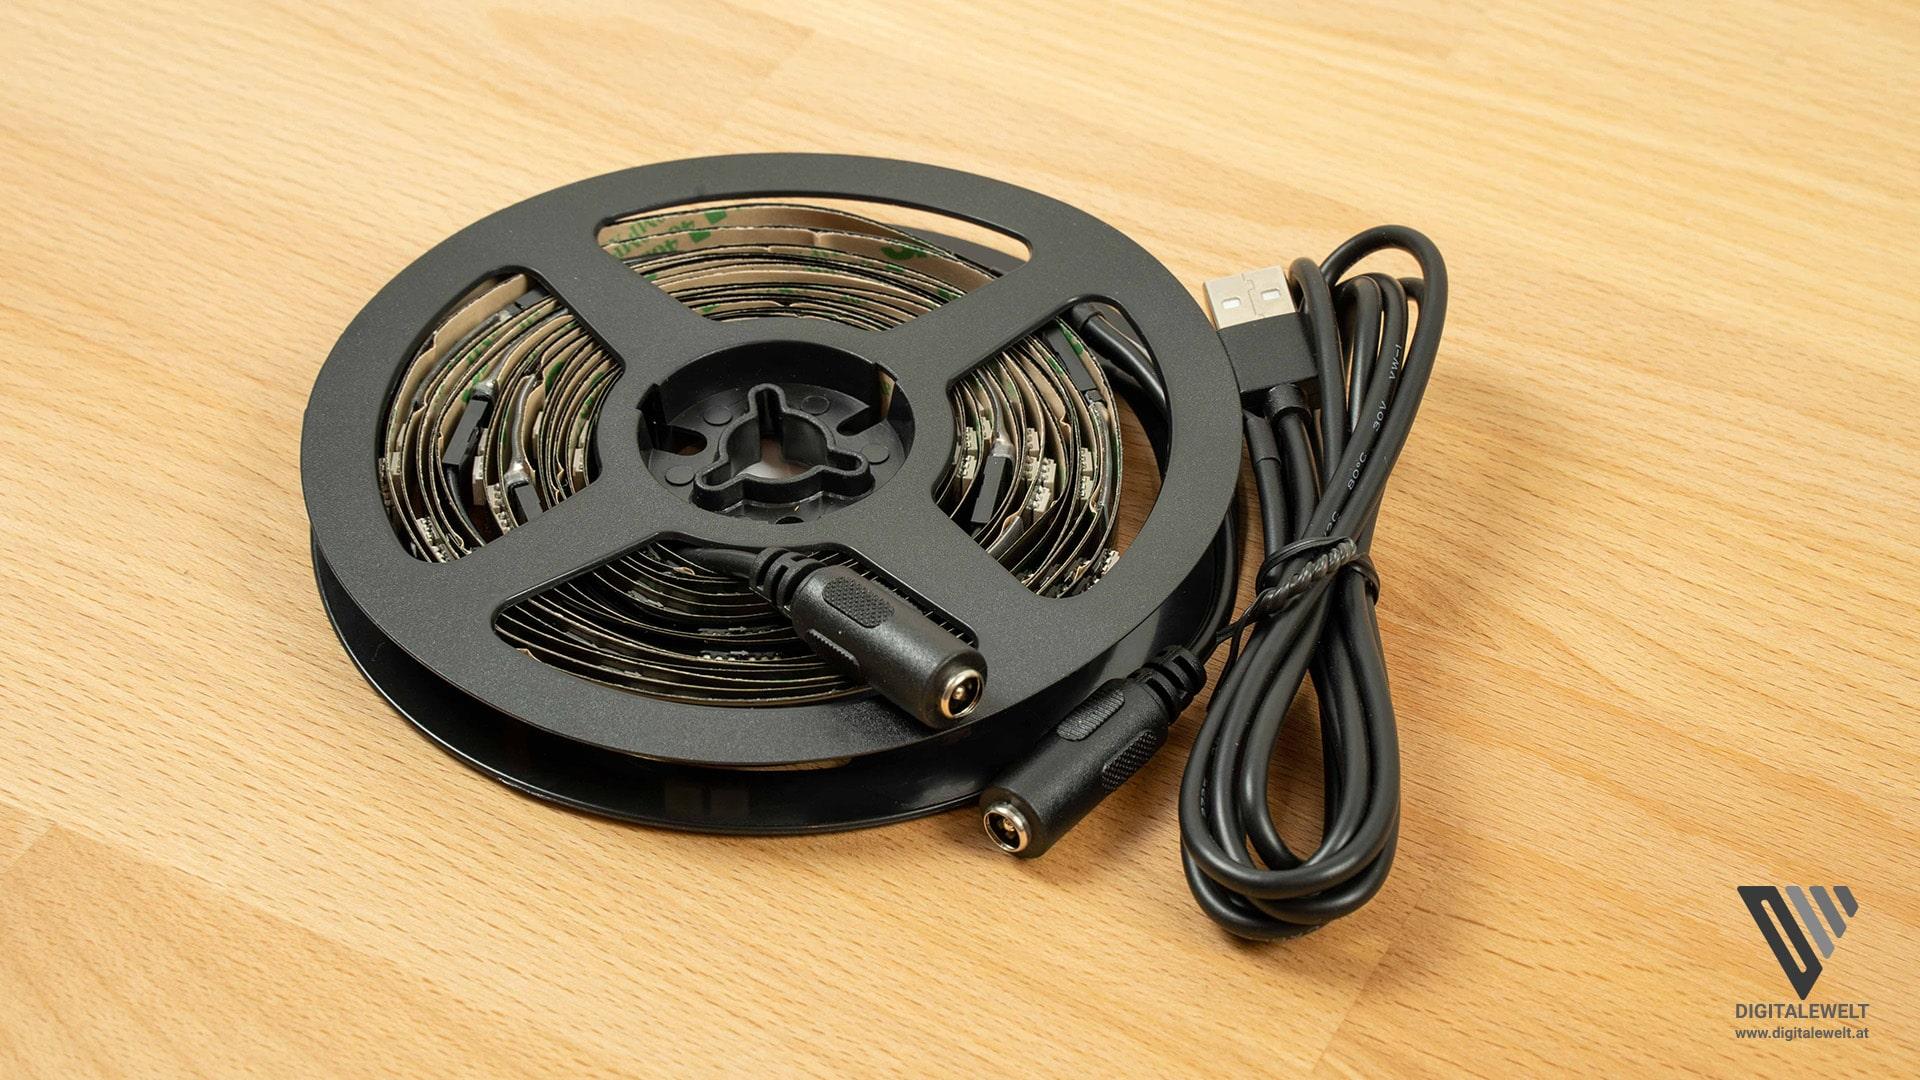 HDFury DIVA Ambilight Kit - LED-Streifen - digitalewelt.at